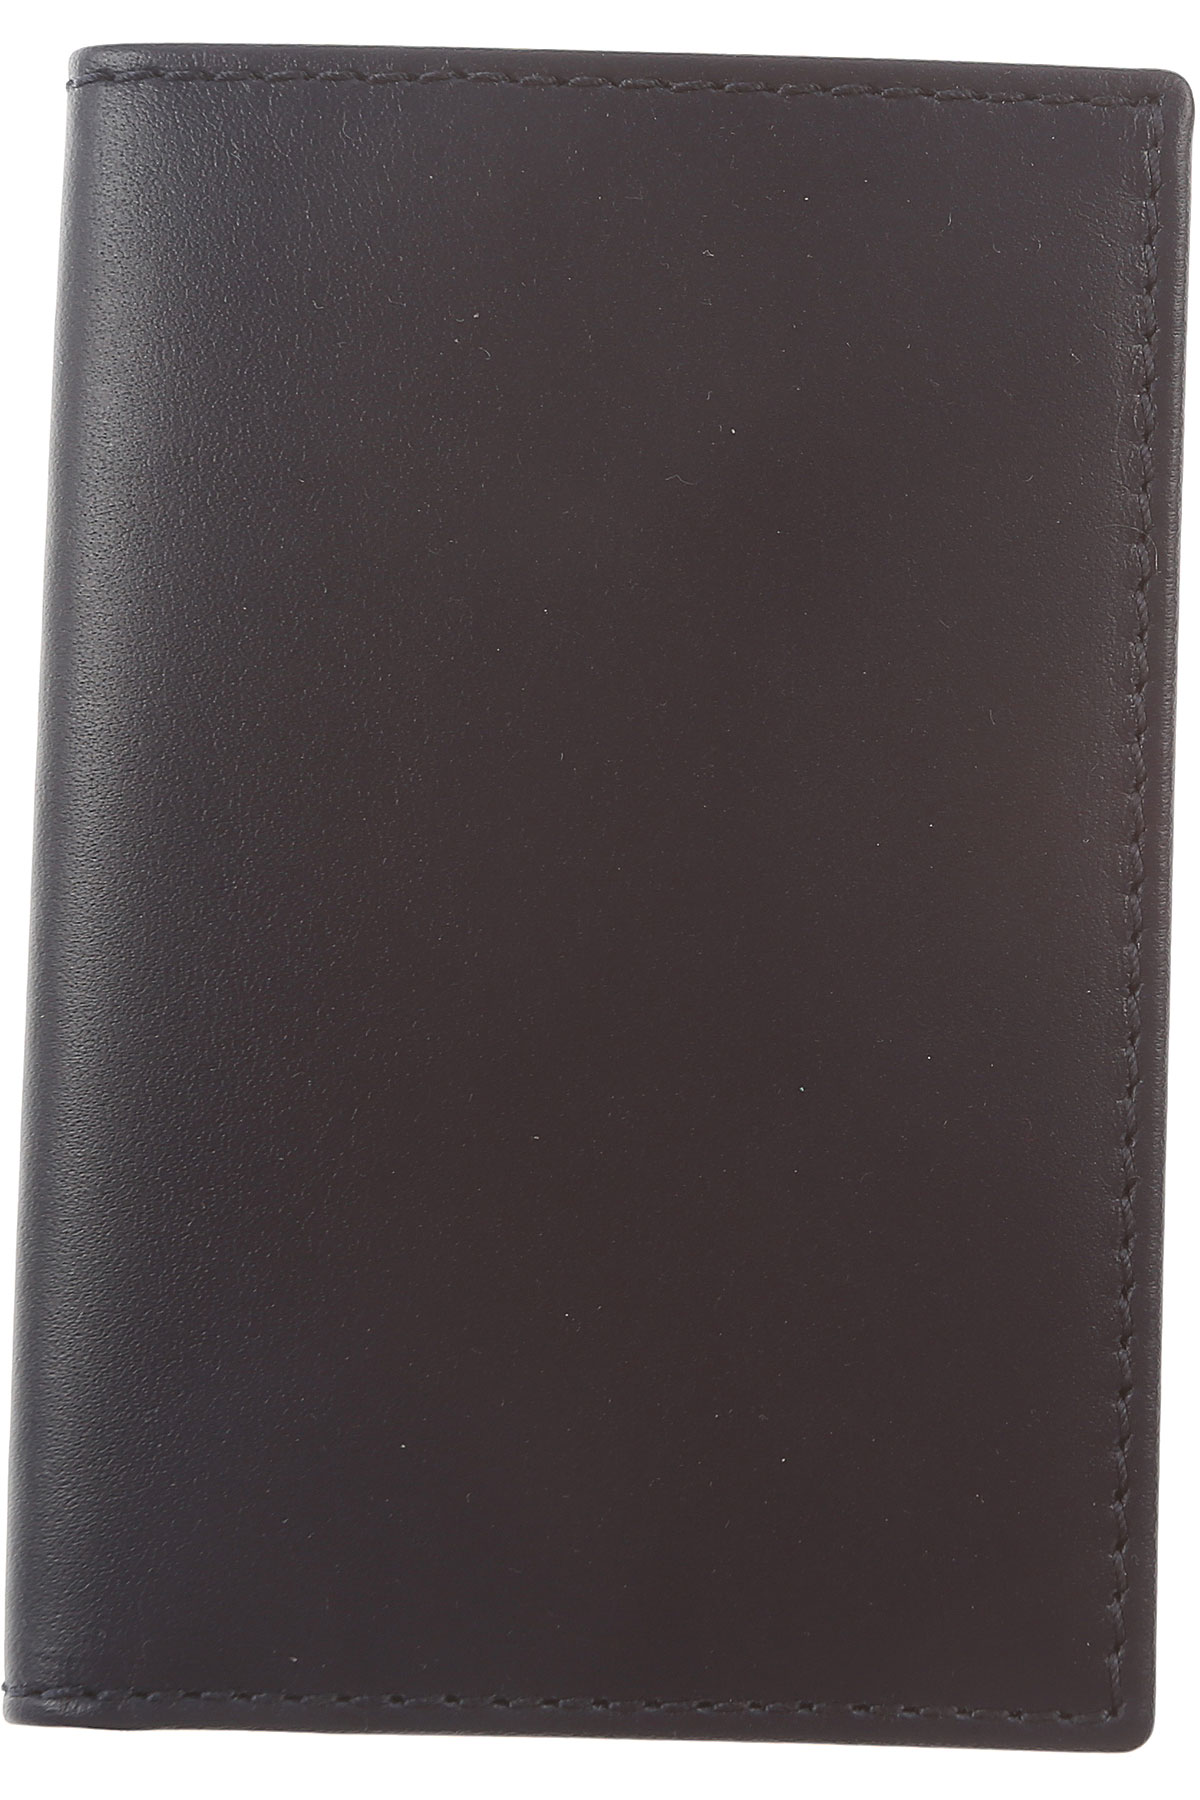 Image of Comme des Garcons Card Holder for Men, Blue Navy, Leather, 2017